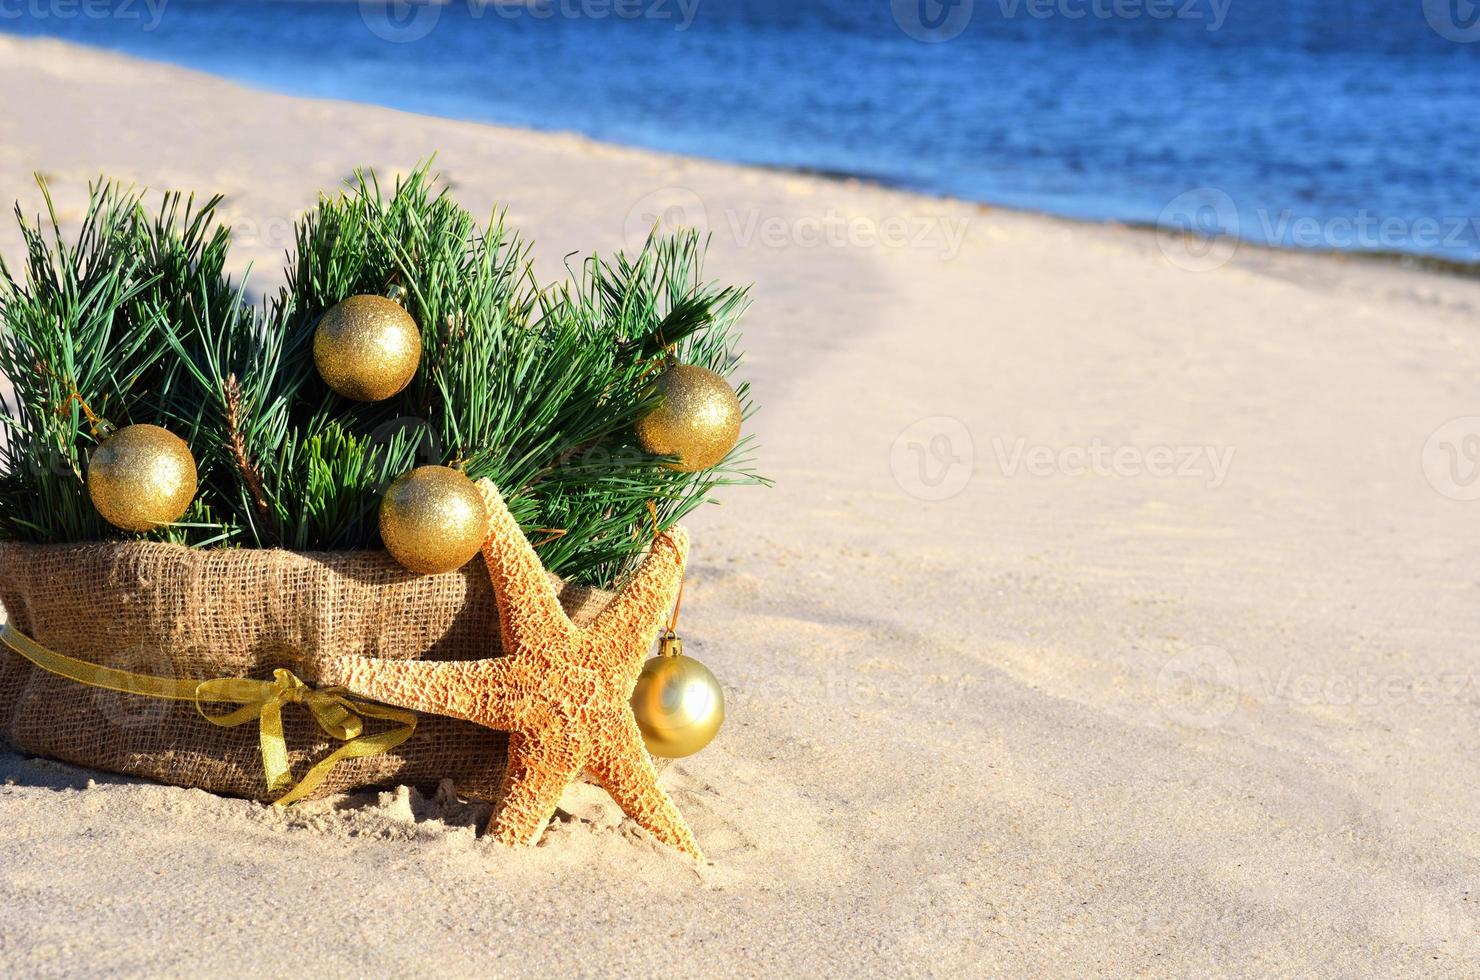 Weihnachtsbaum mit goldenen Weihnachtskugeln, Seestern auf Sand, Strand foto